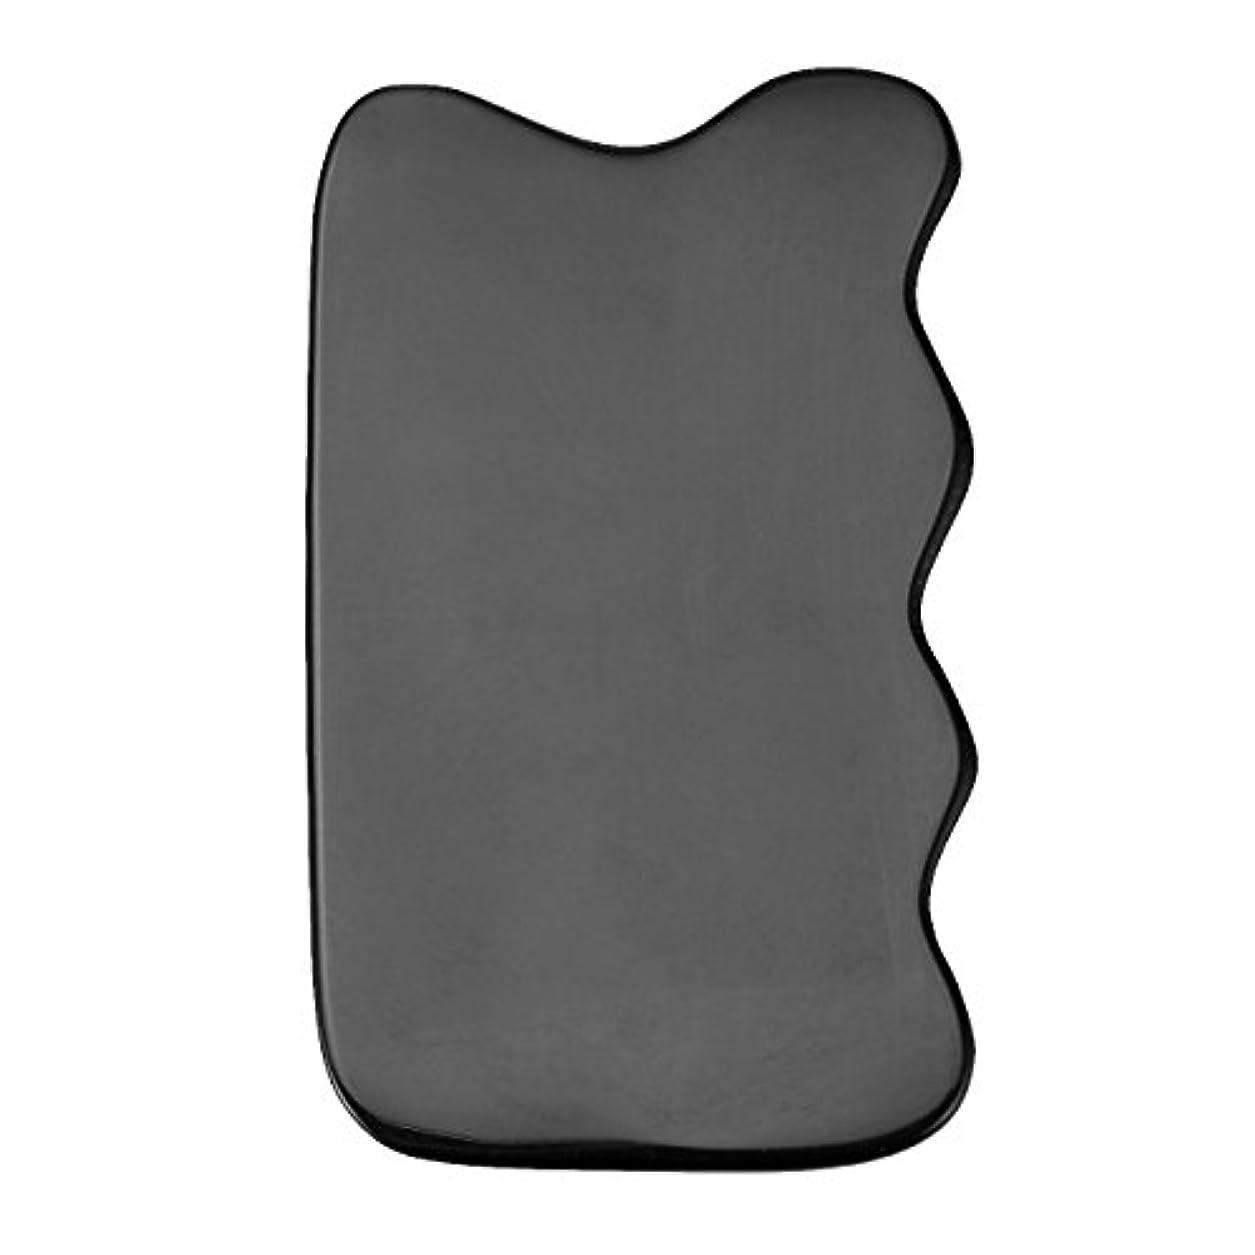 あいまいなアジャ権限Jovivi Mak カッサリフトプレート ブラック 牛角 パワーストーン カッサ板 美顔 カッサボード カッサマッサージ道具 ギフトバッグを提供 (波状)